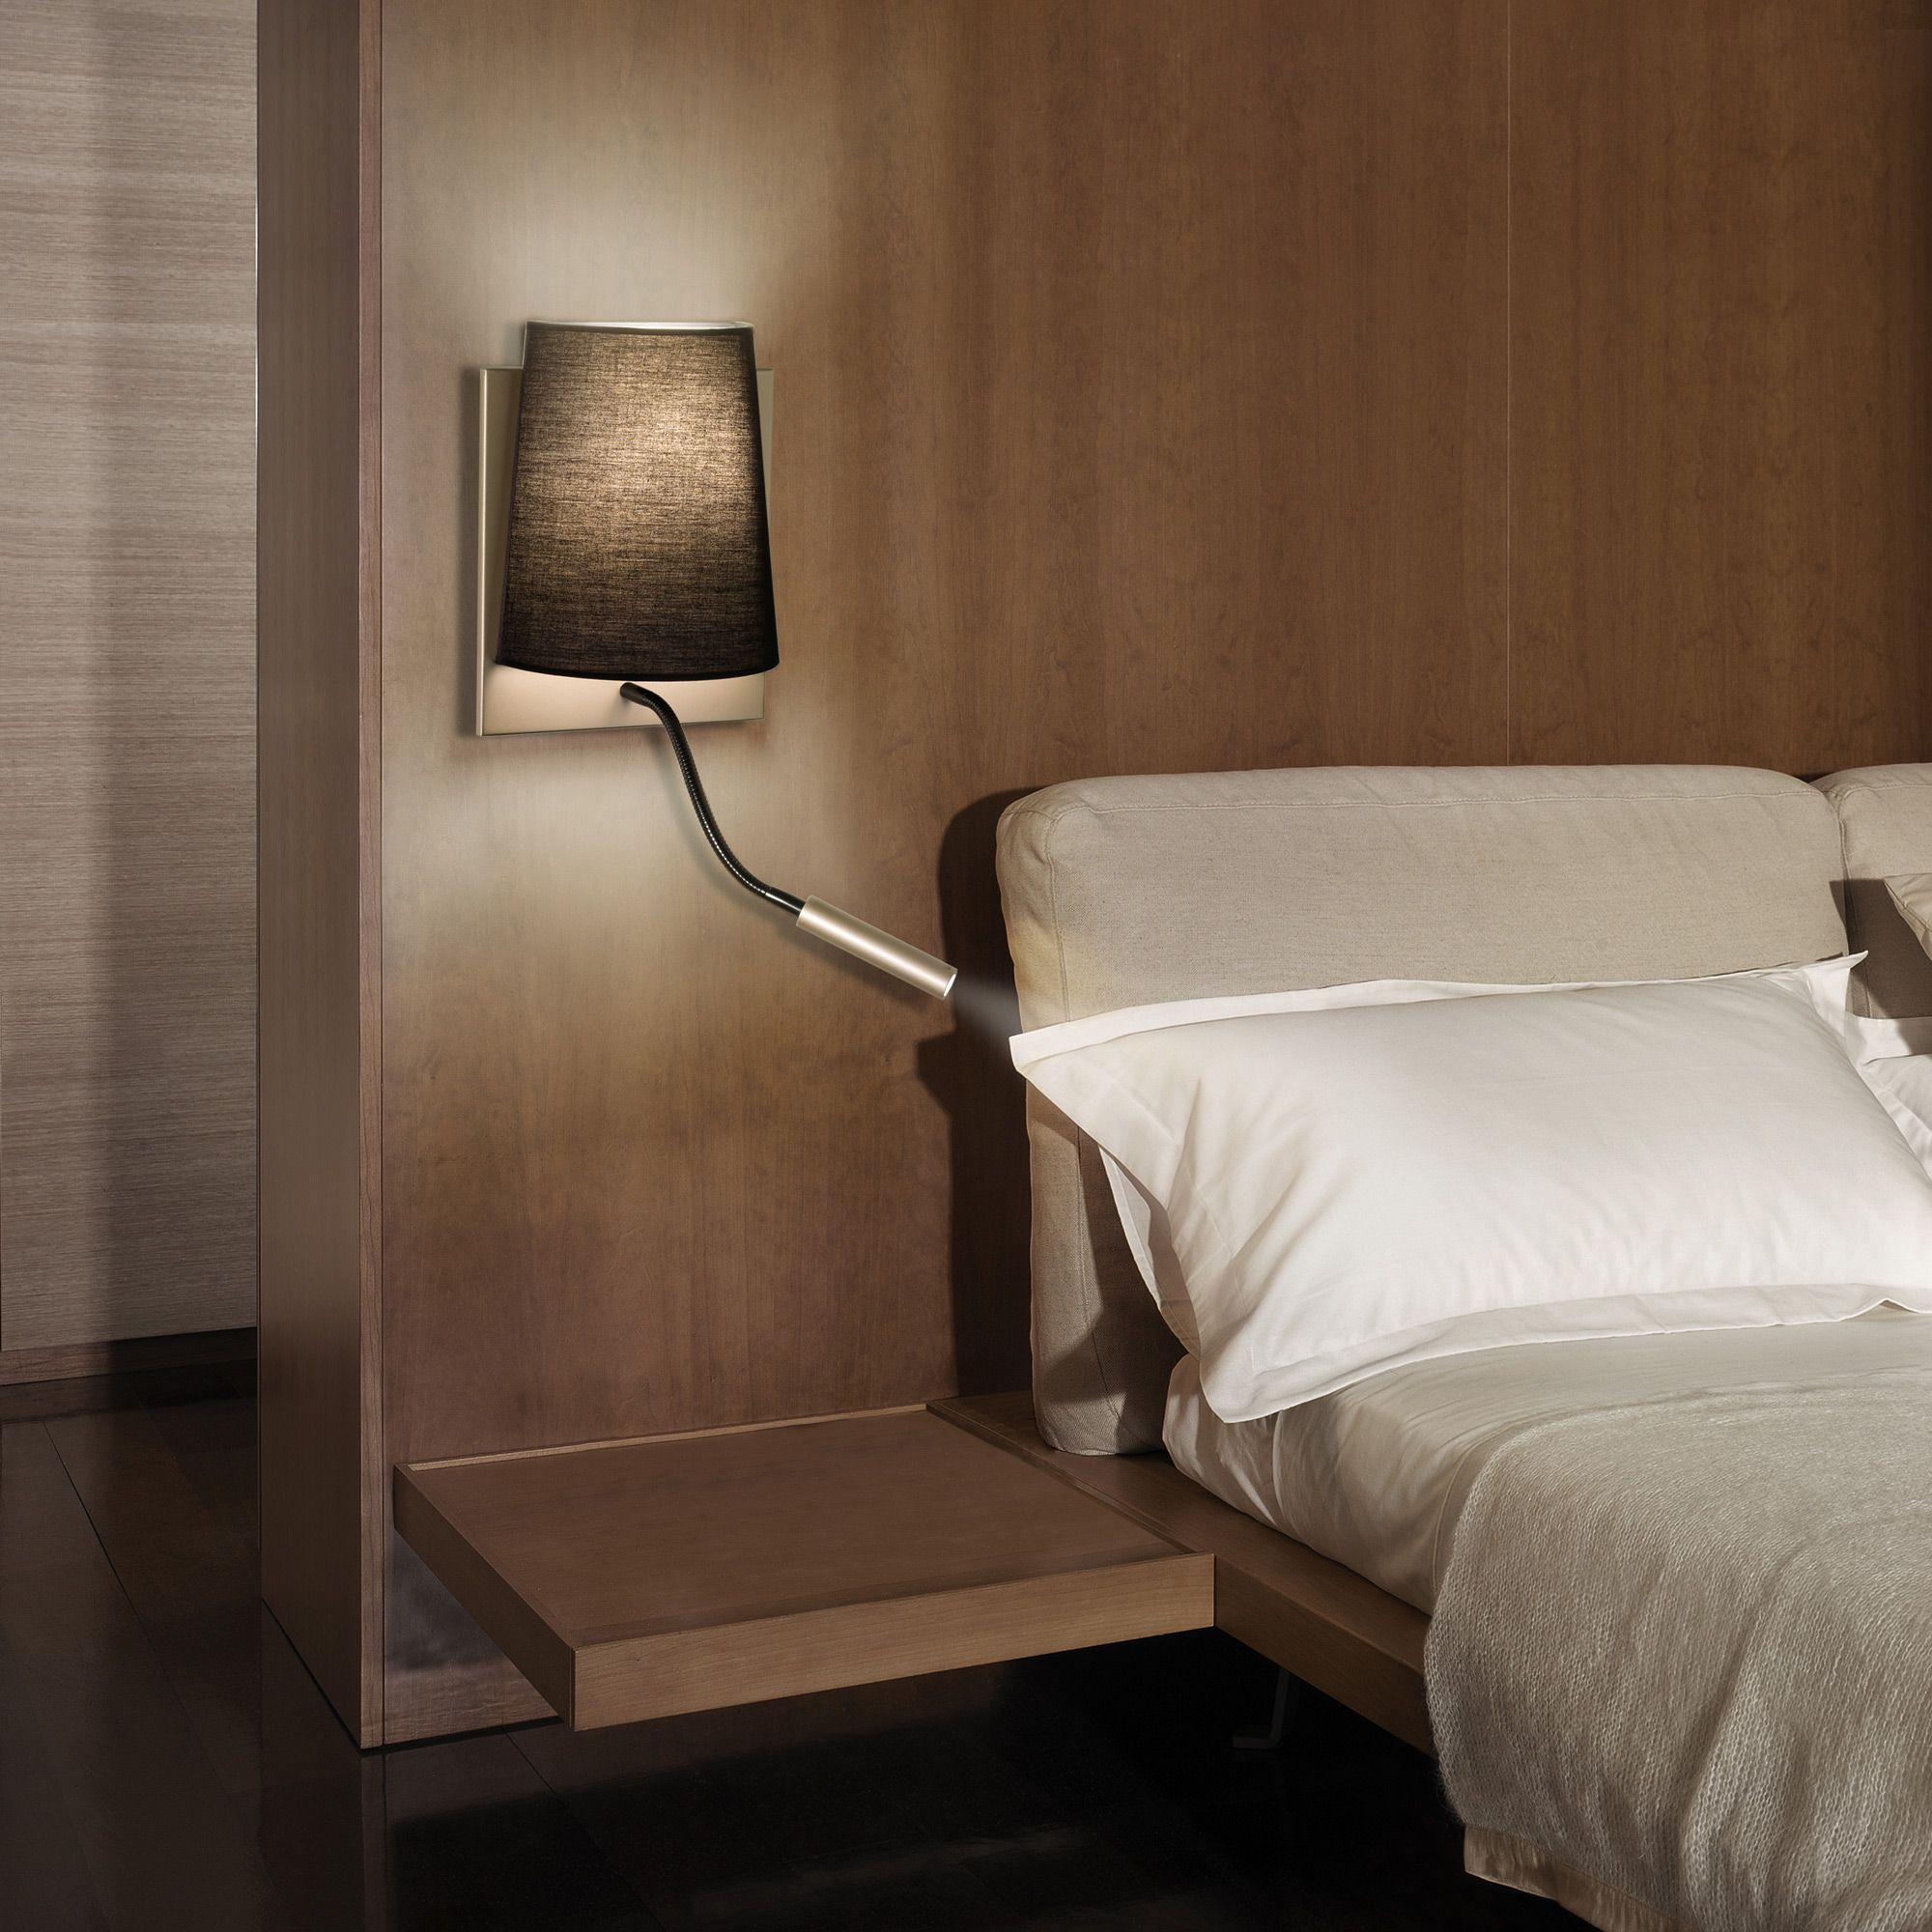 Applique Avec Liseuse Led Noir Et Champagne Hauteur 30 Cm Hotel Par